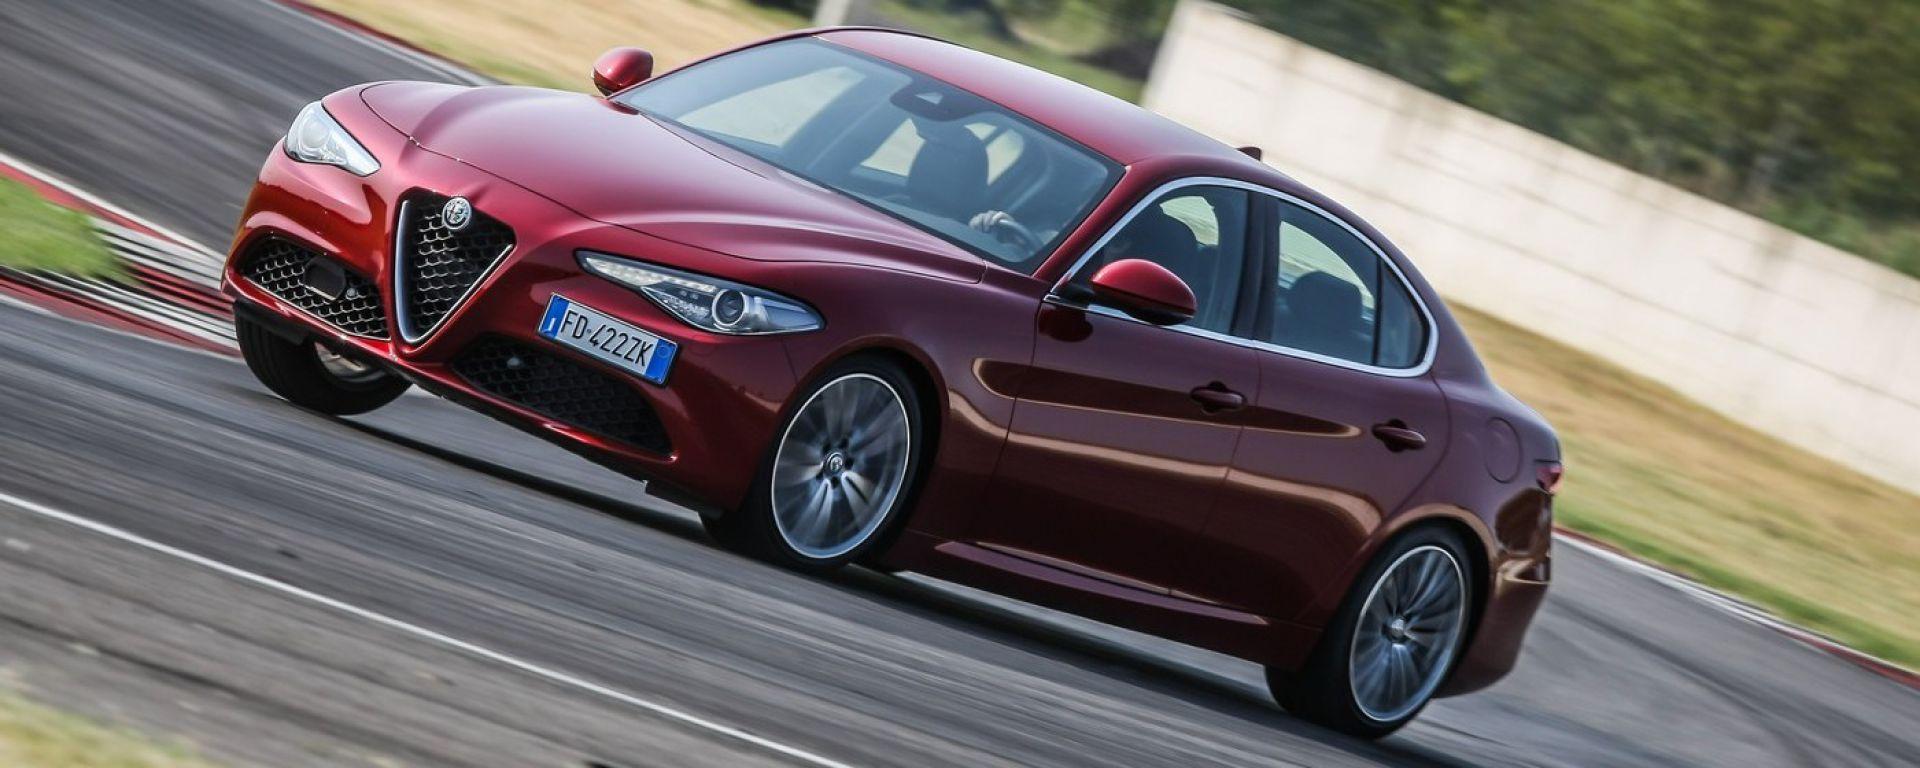 Alfa Romeo Giulia: le vostre domande. Guarda il video